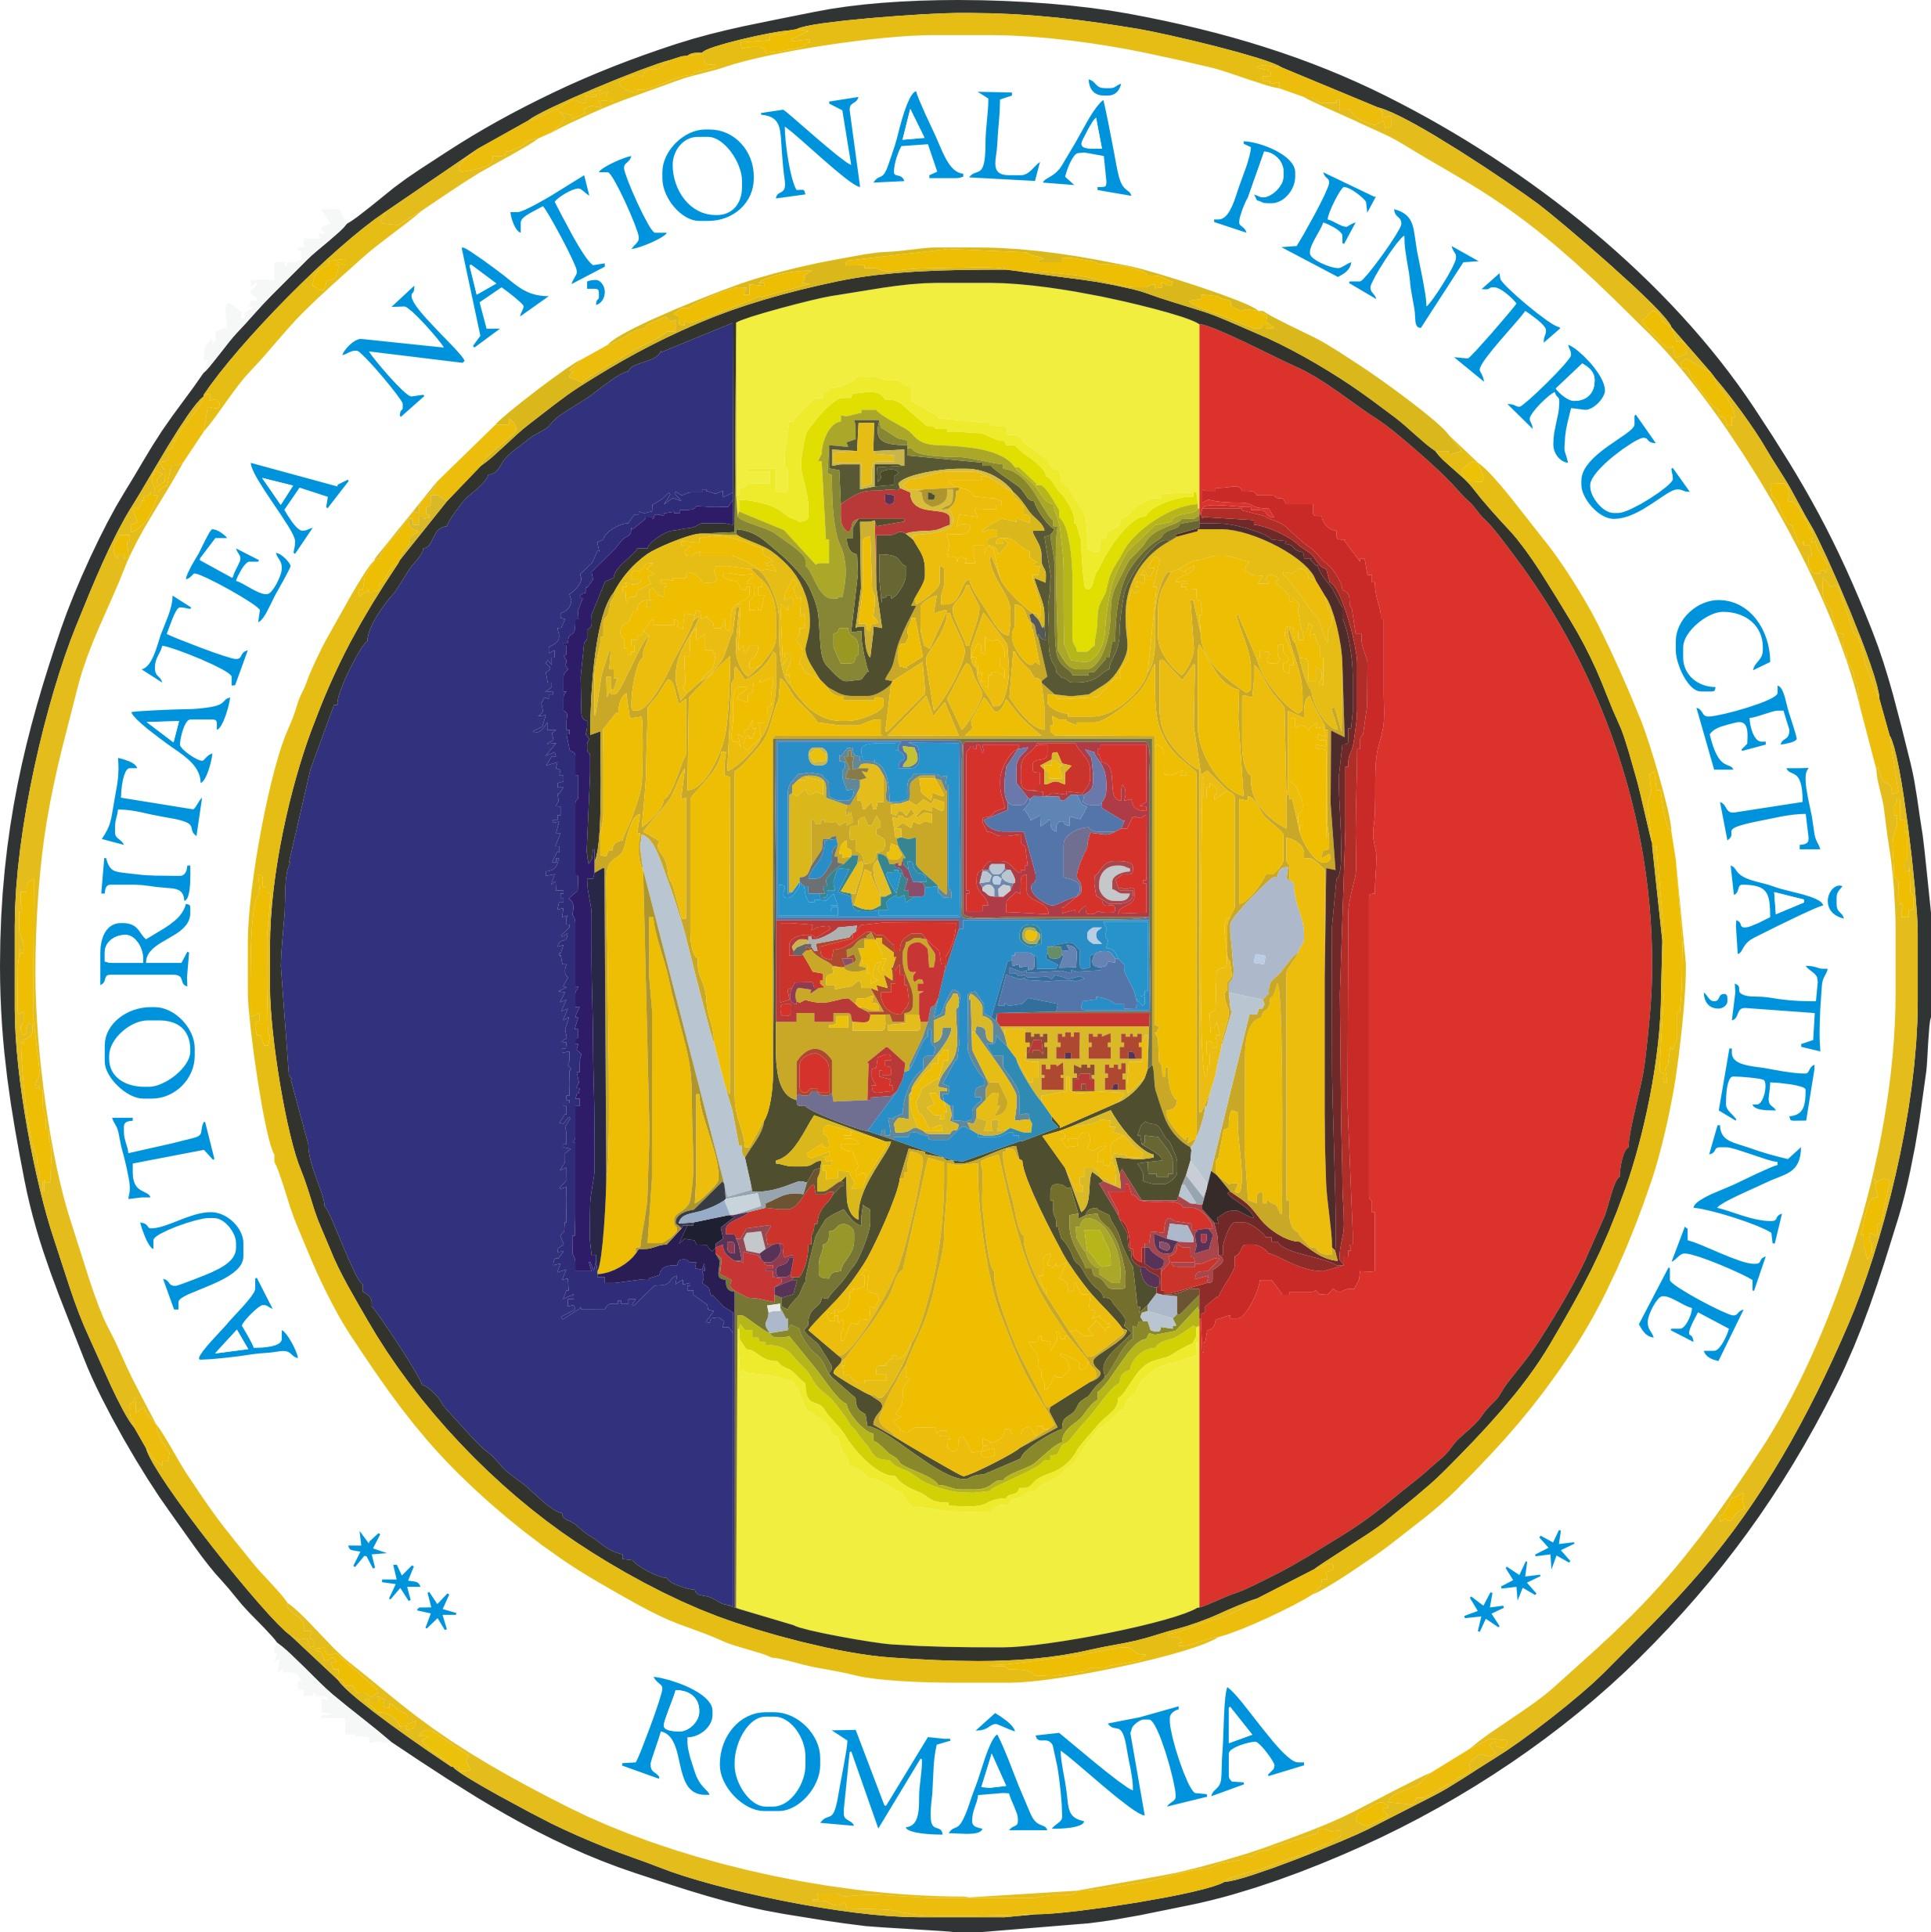 autoritatea-nationala-pentru-cetatenie